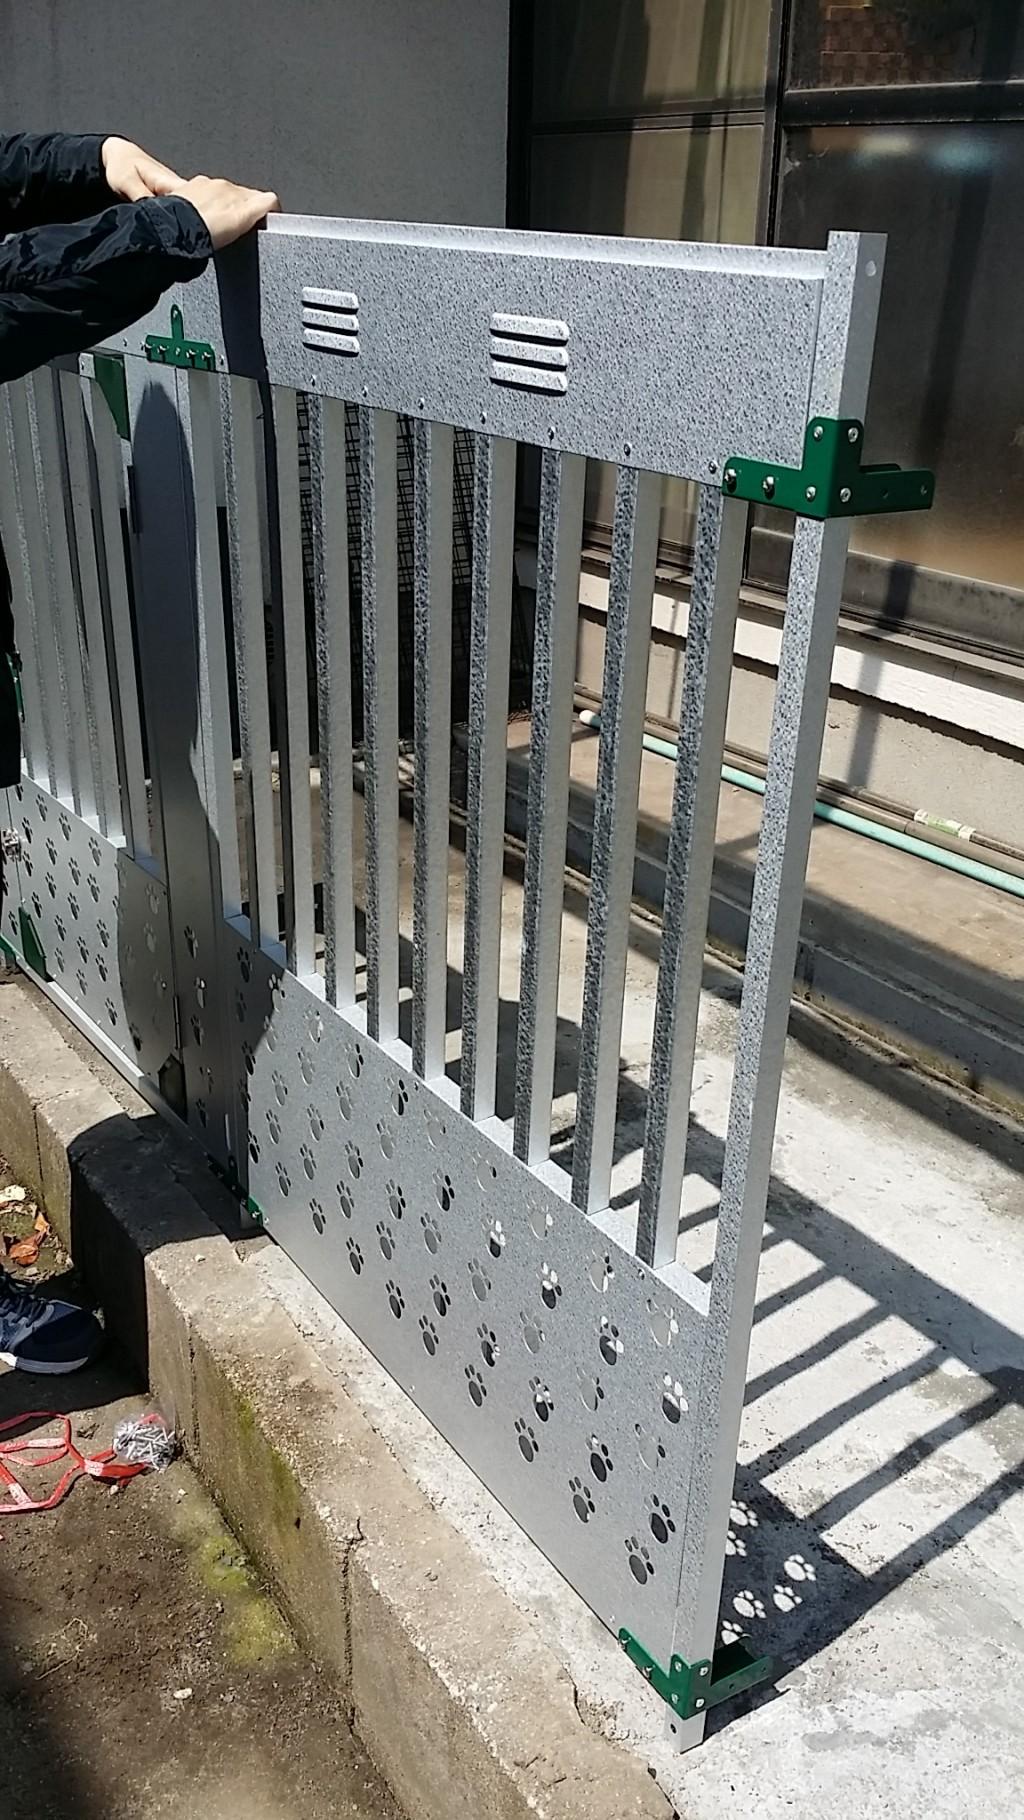 【鹿児島市】犬小屋の組み立て作業☆スタッフの対応にも大変ご満足いただけました!